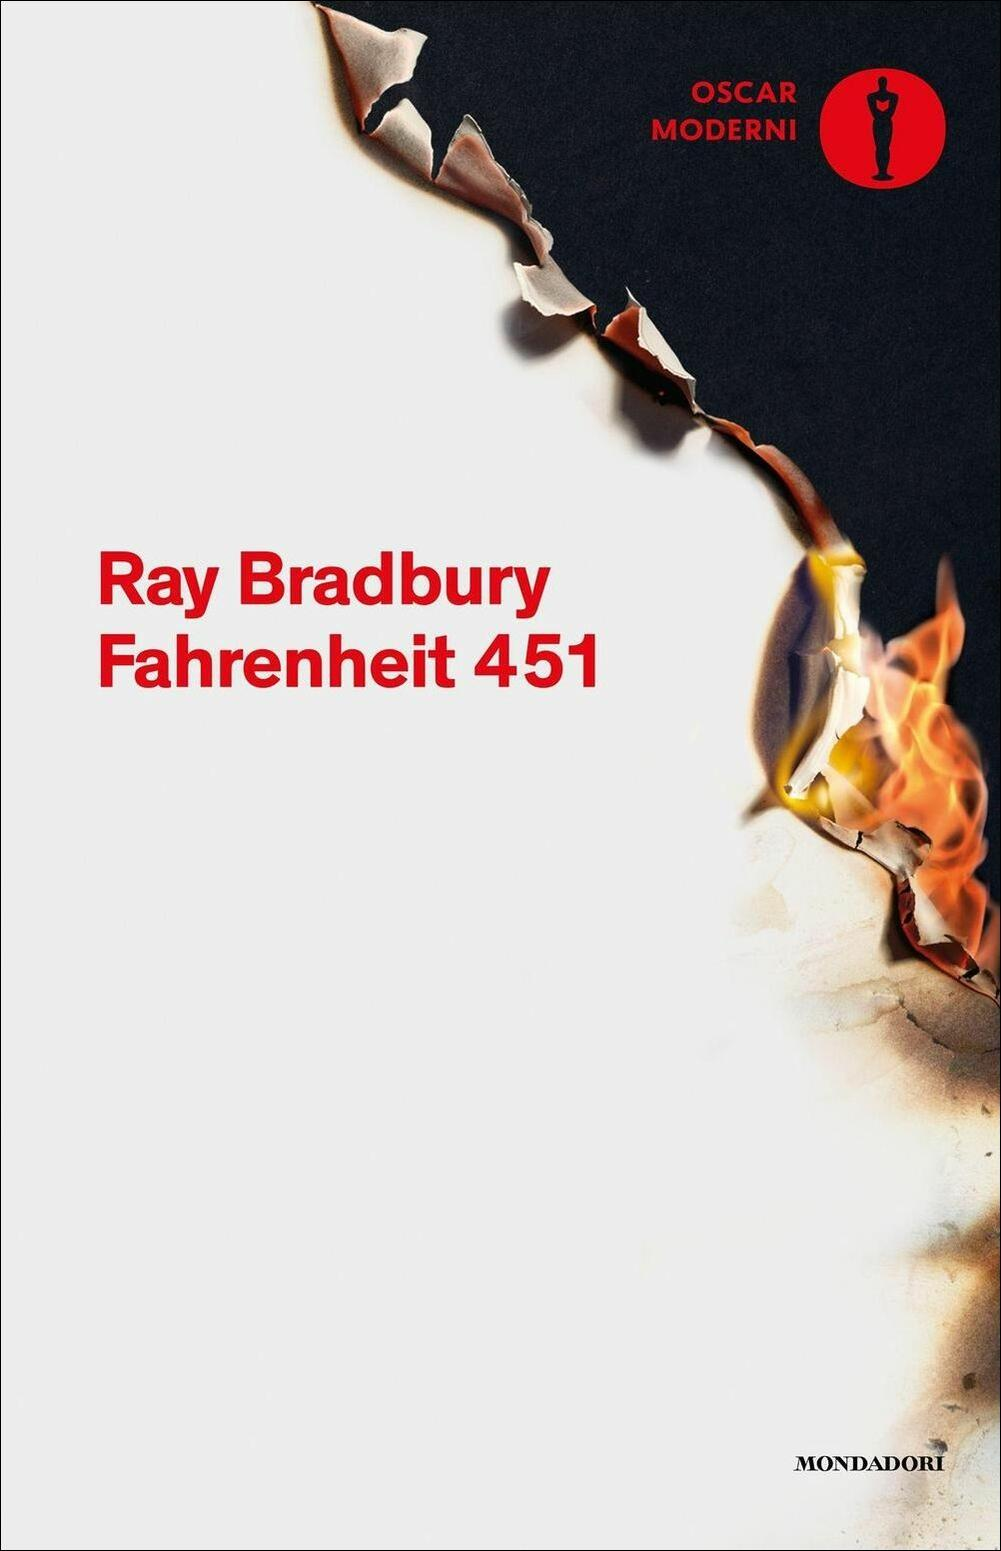 Fahrenheit 451  Ray Bradbury  Libro  Mondadori  Oscar